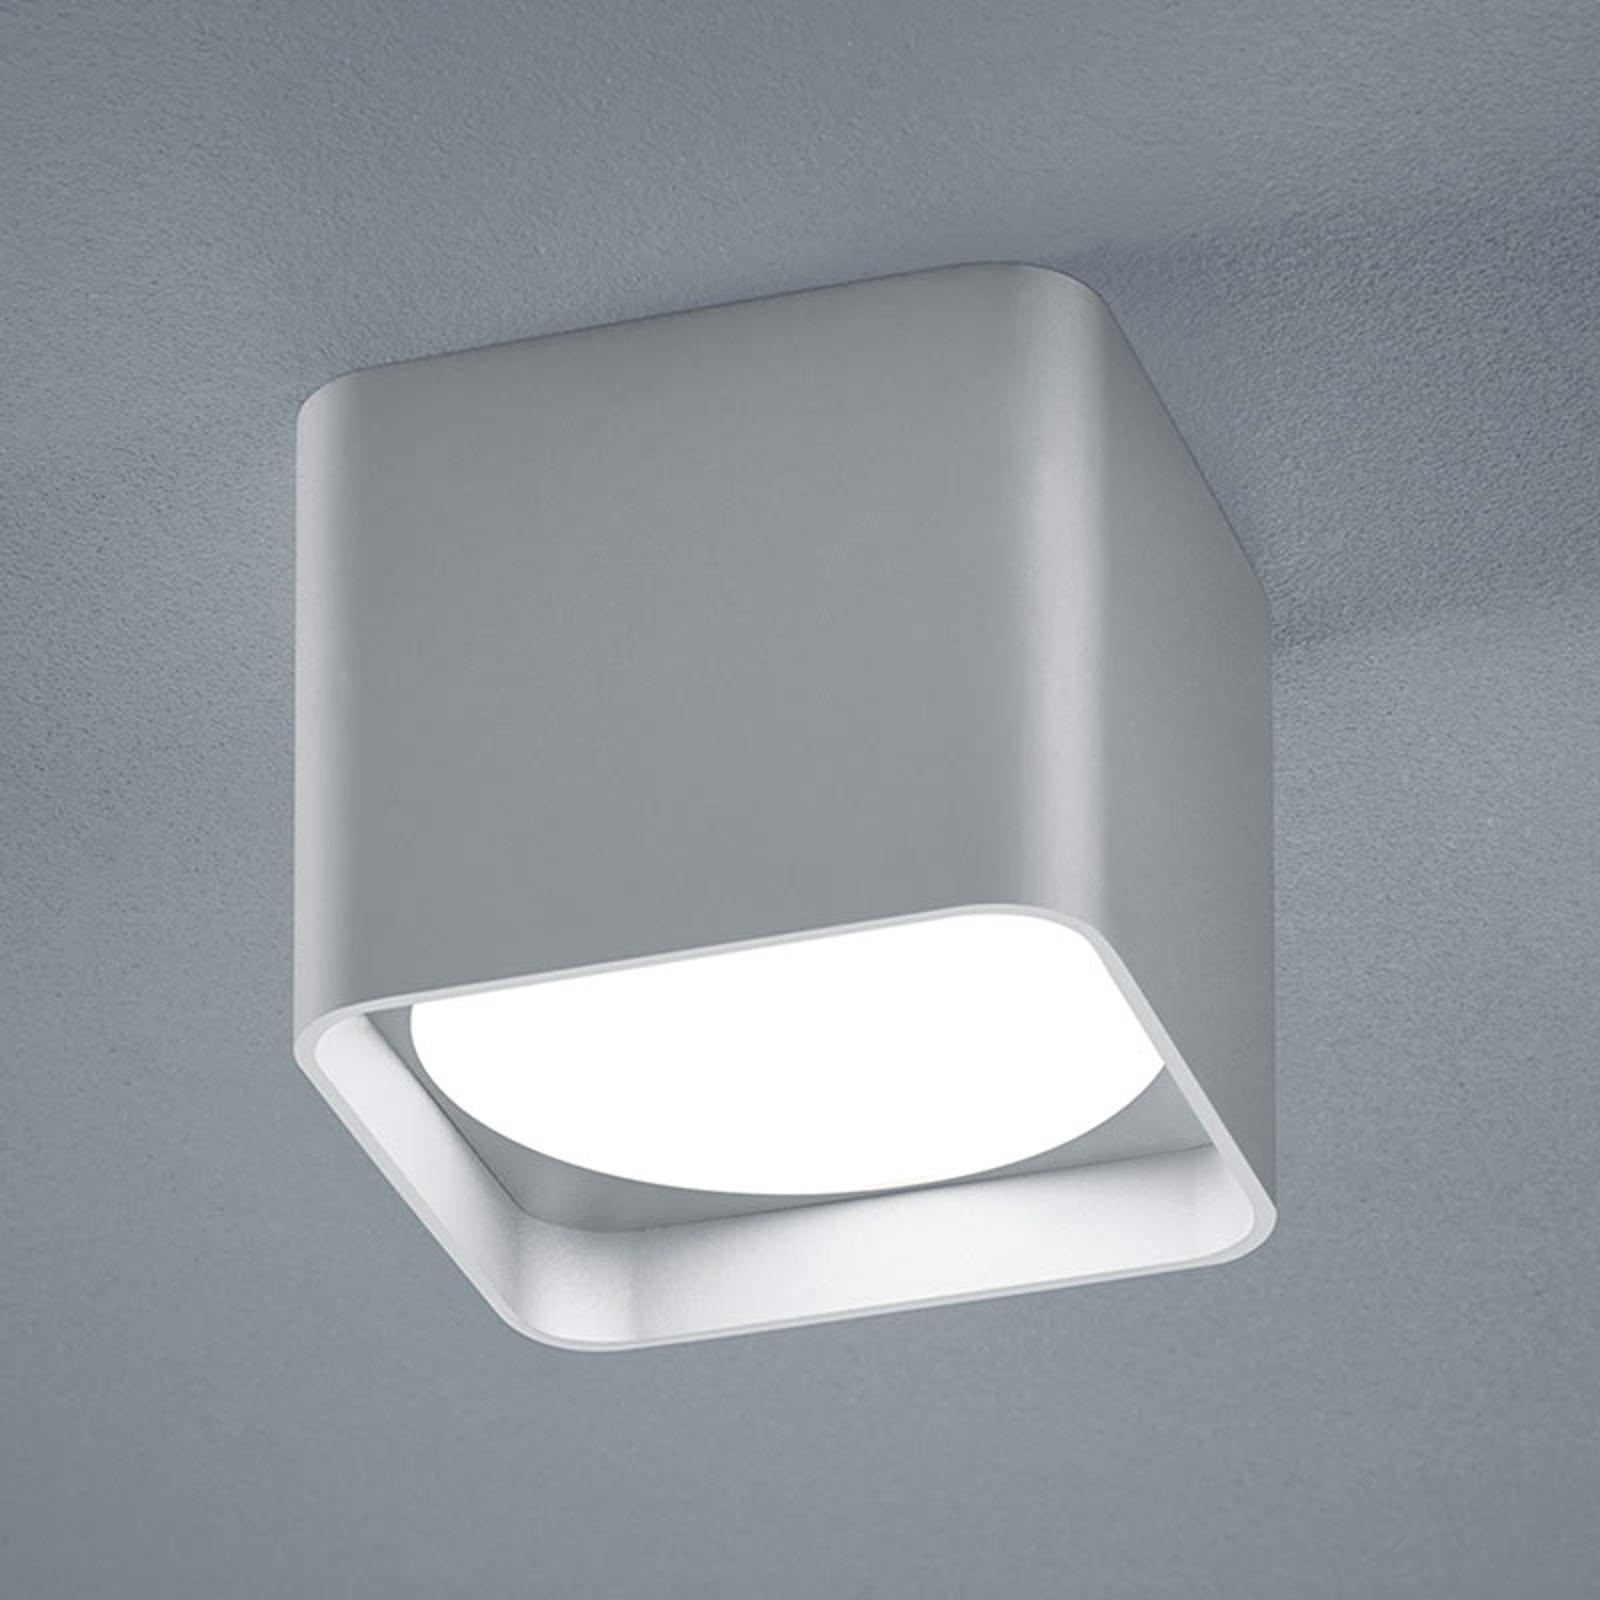 Helestra Dora LED-Deckenleuchte eckig, silber matt kaufen